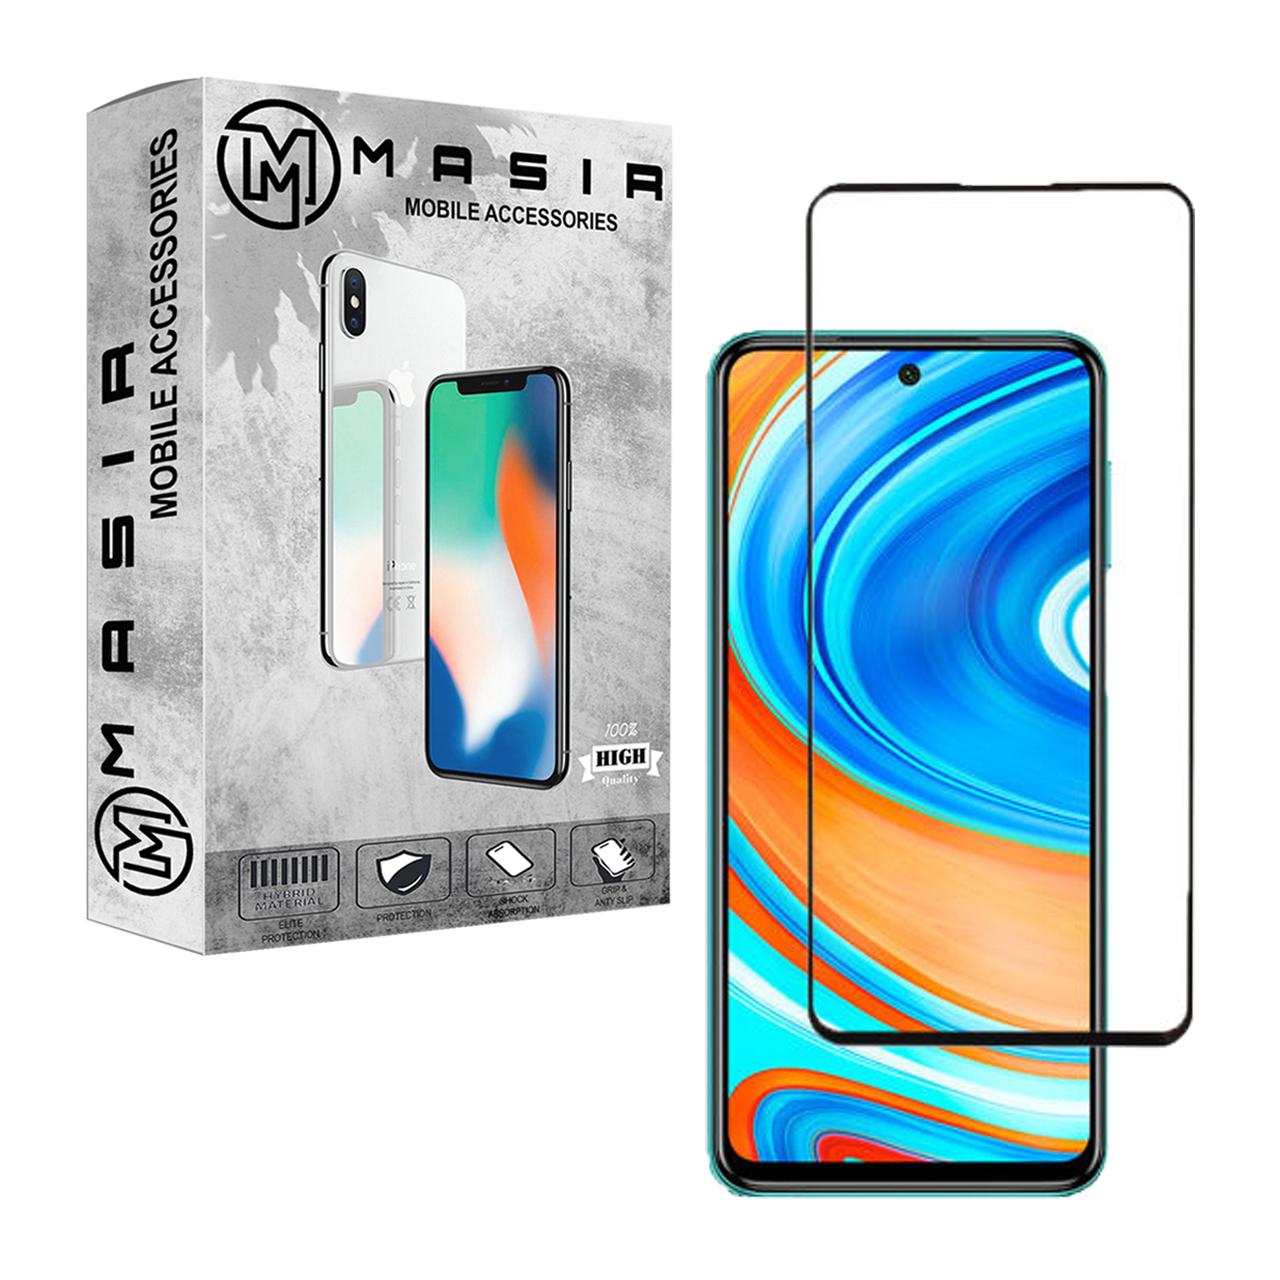 محافظ صفحه نمایش مسیر مدل MGF-1 مناسب برای گوشی موبایل شیائومی Redmi Note 9s              ( قیمت و خرید)